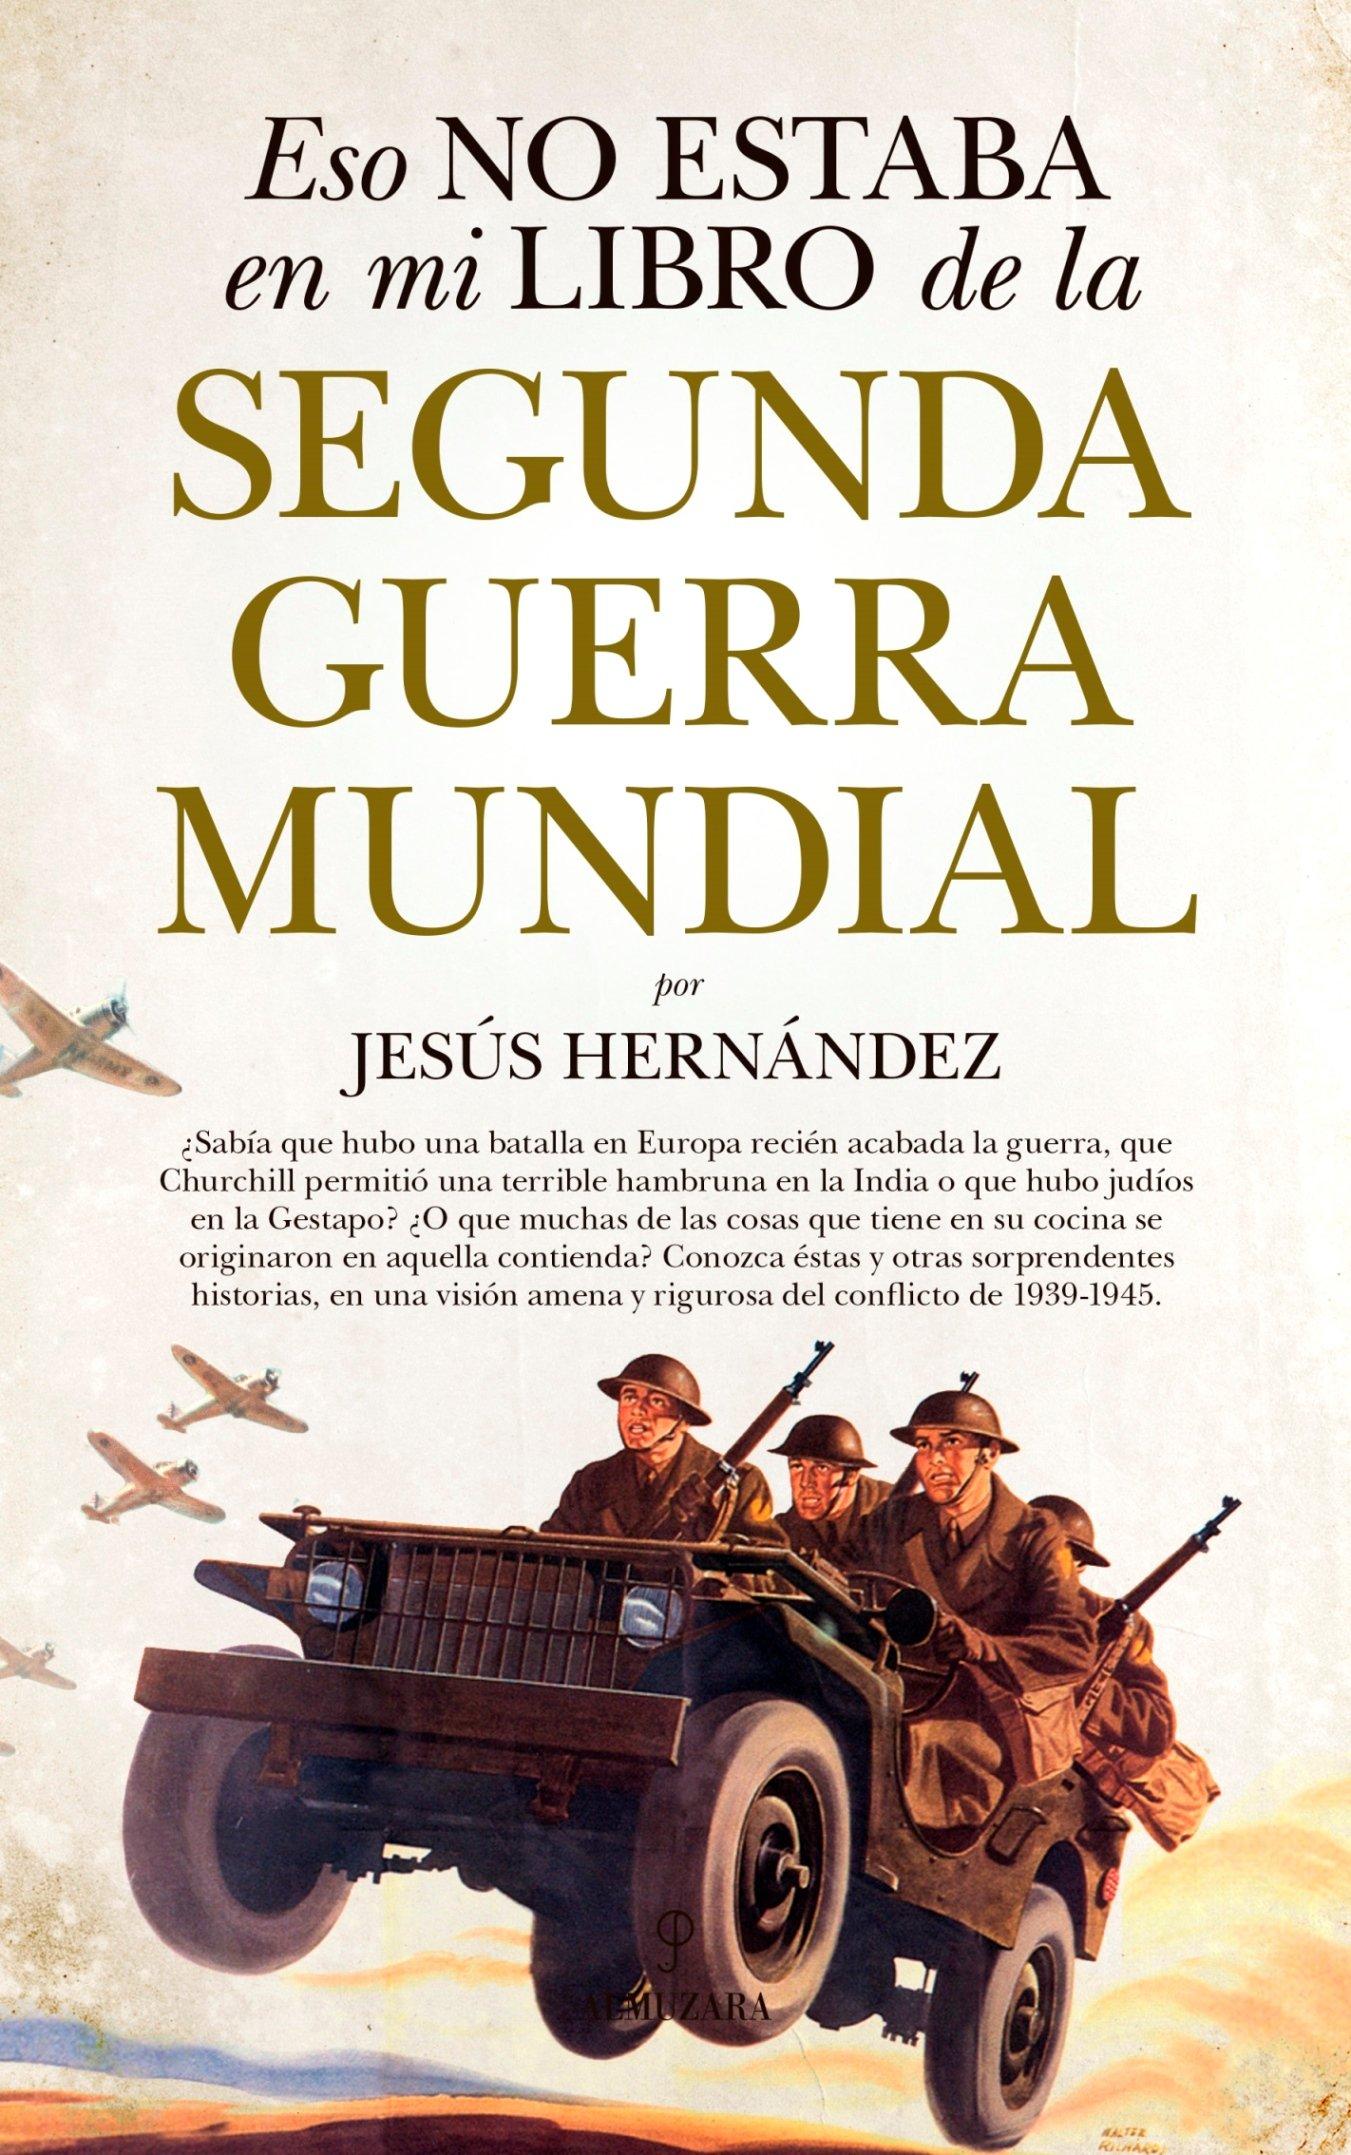 Eso no estaba en mi libro de la Segunda Guerra Mundial (Spanish Edition) (Spanish) Paperback – June 30, 2018